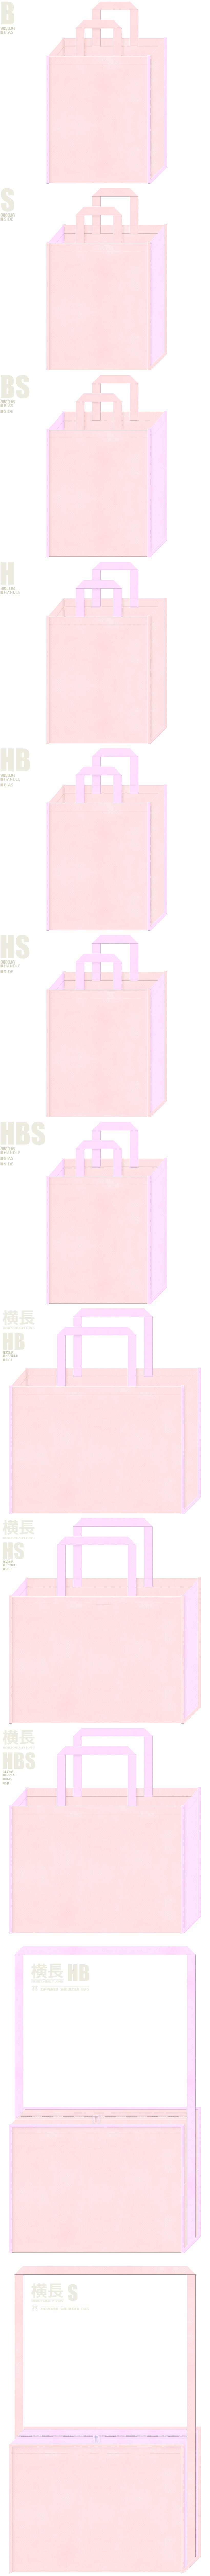 桜色と明るめのピンク色、7パターンの不織布トートバッグ配色デザイン例。